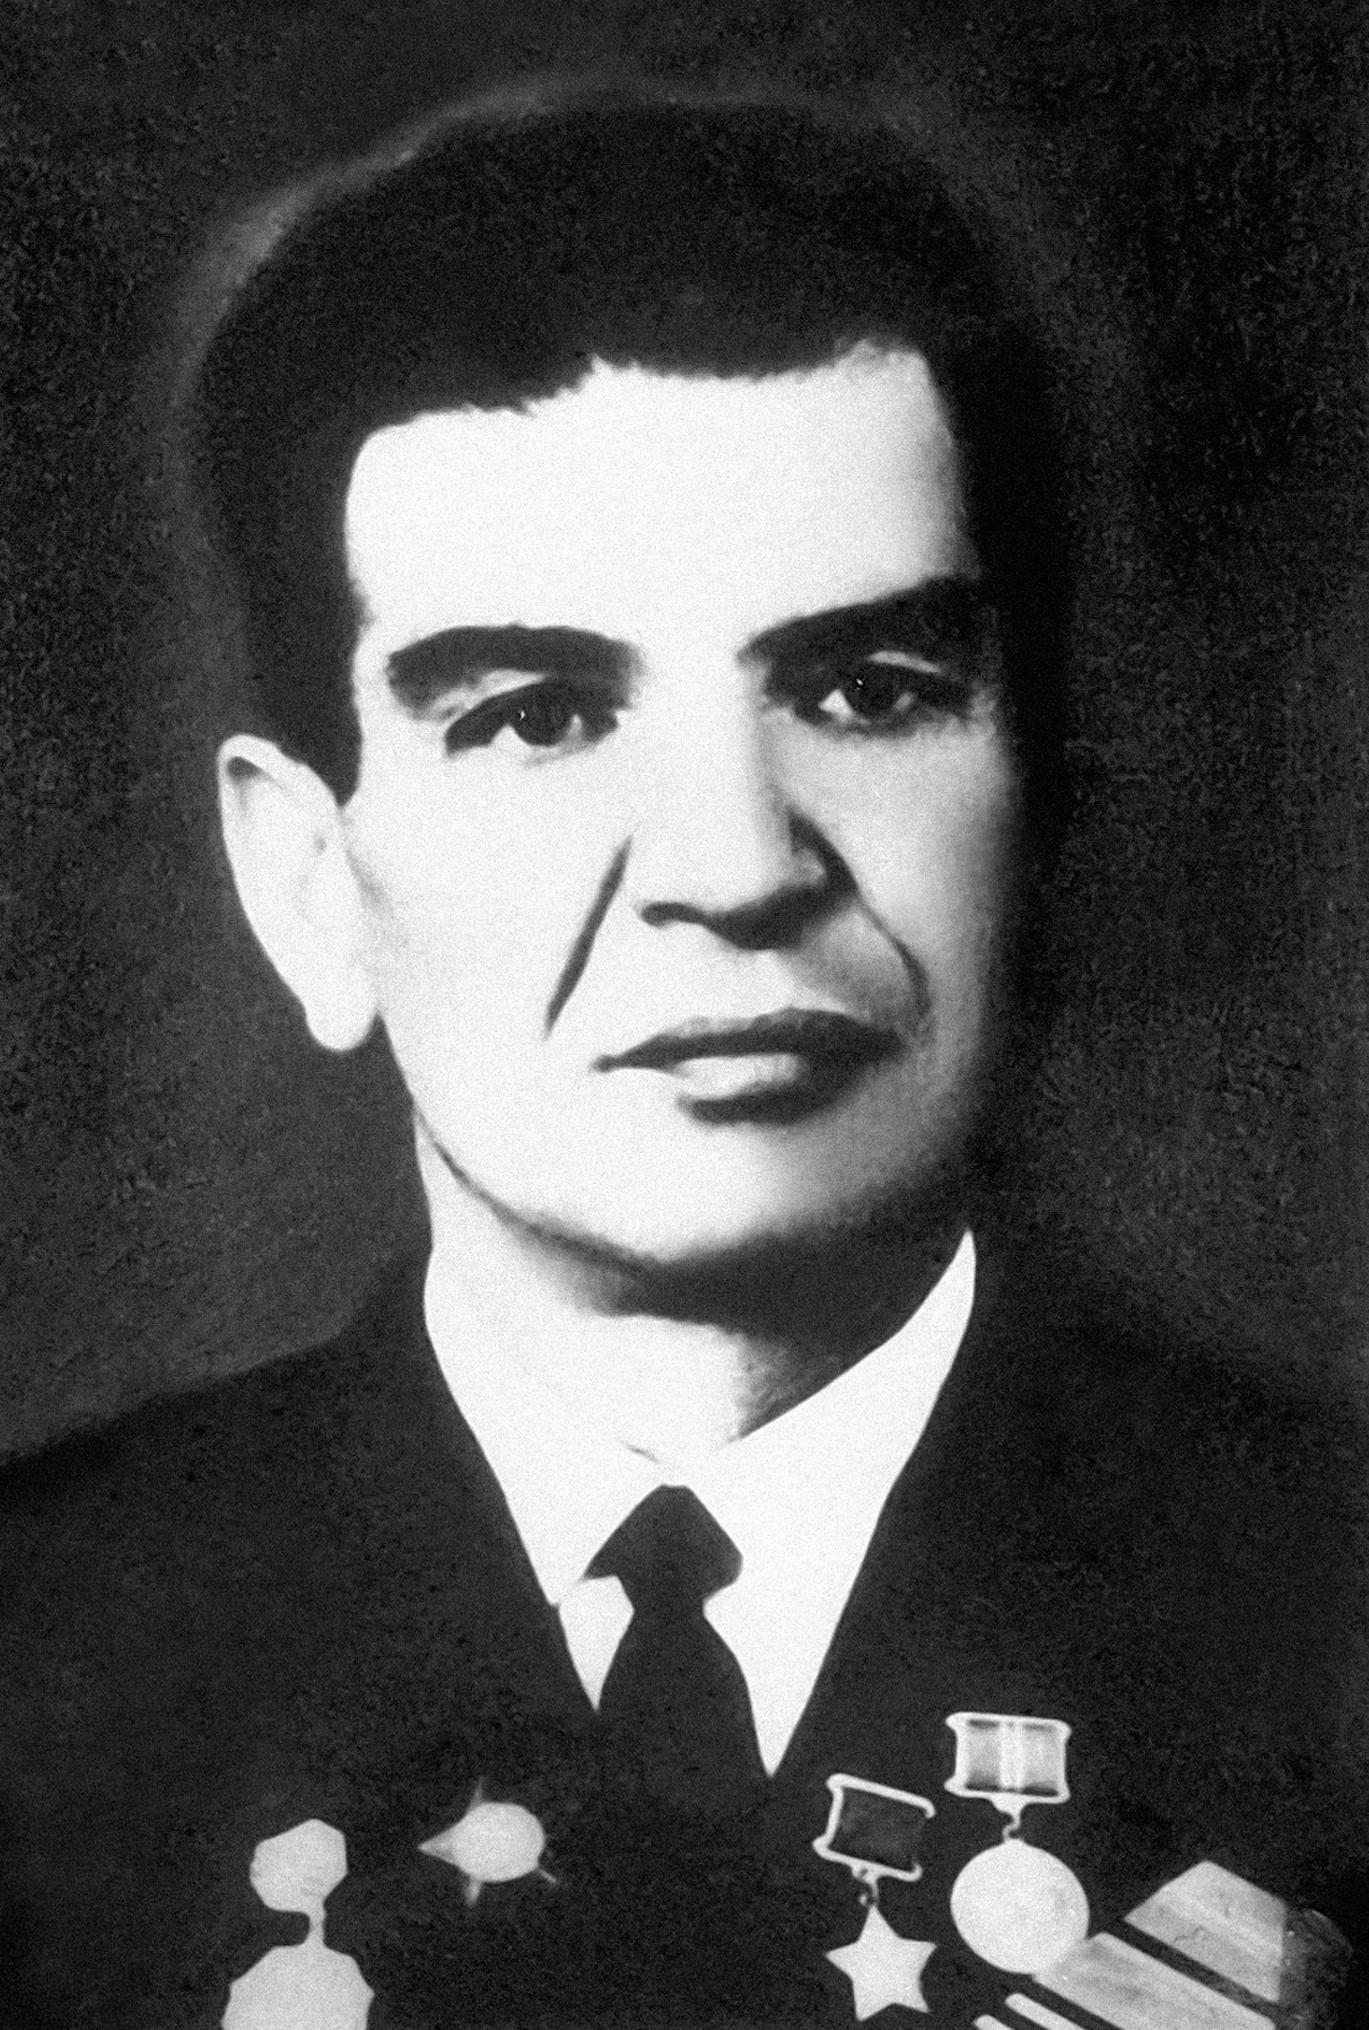 От «бессмертного» сержанта до Патриарха всея Руси: 5 участников Курской битвы. Галерея 5